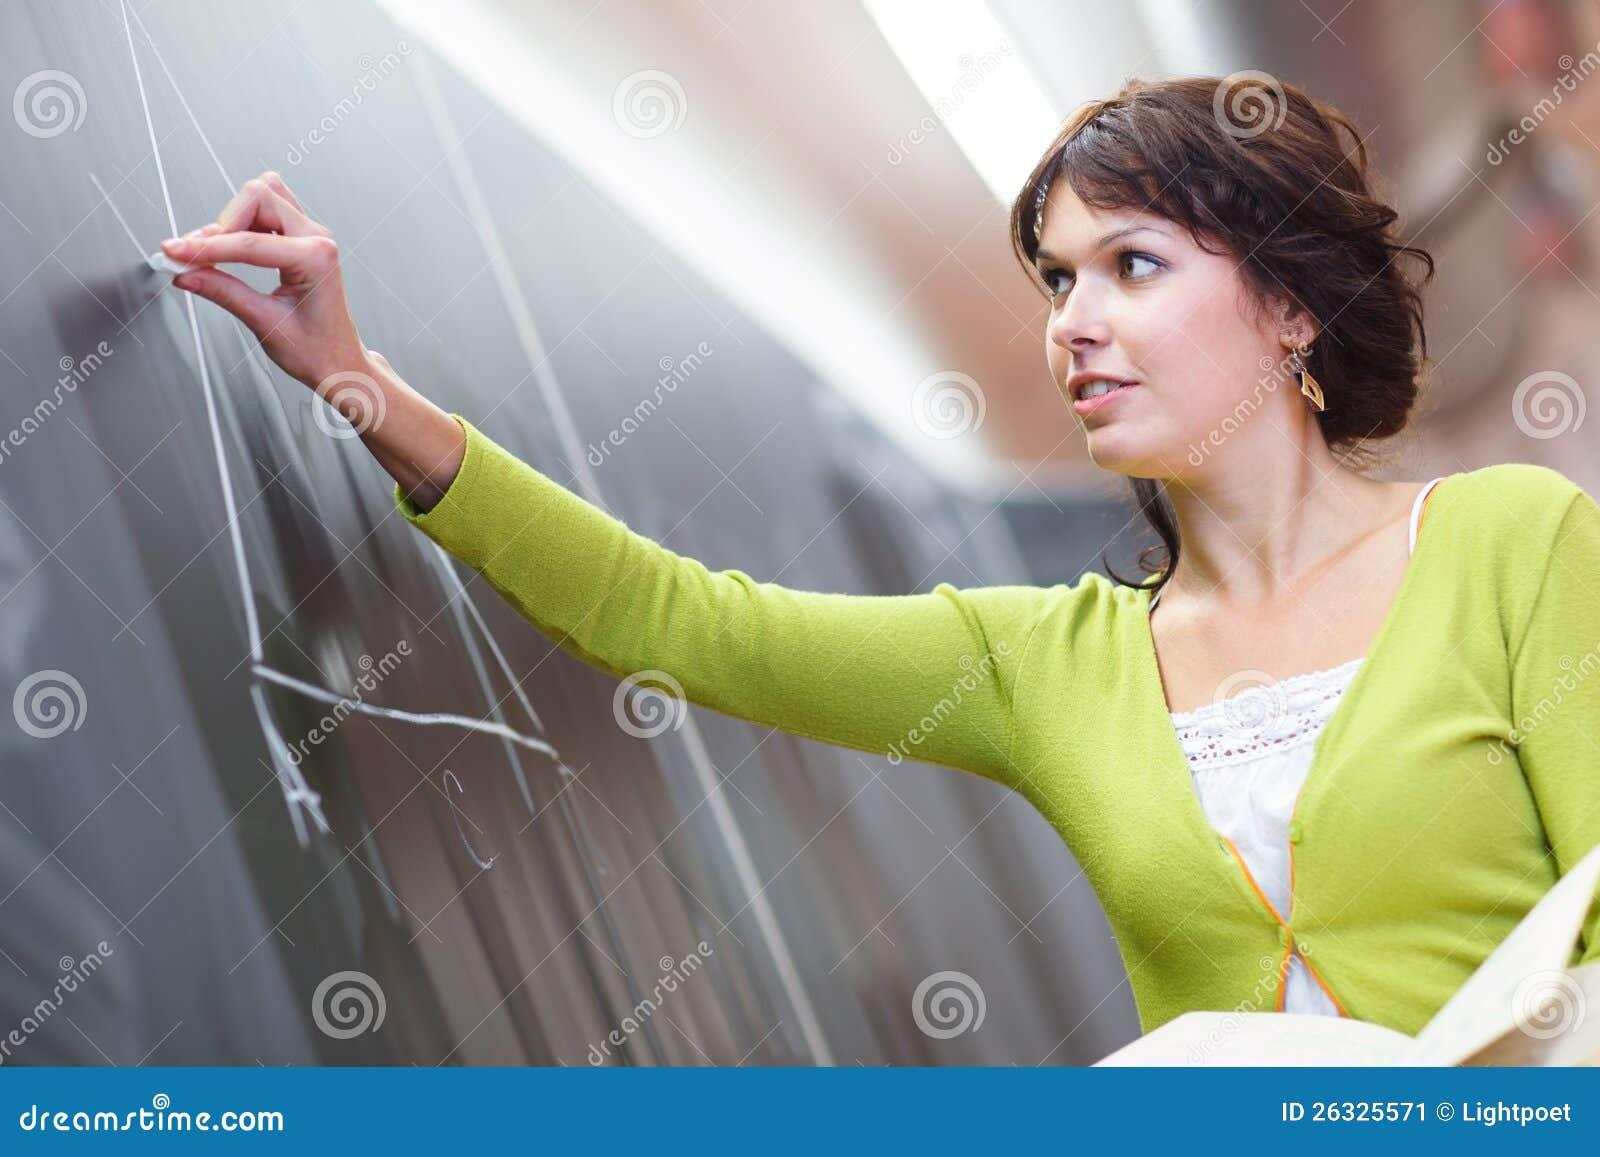 Фото молодая учительница 17 фотография